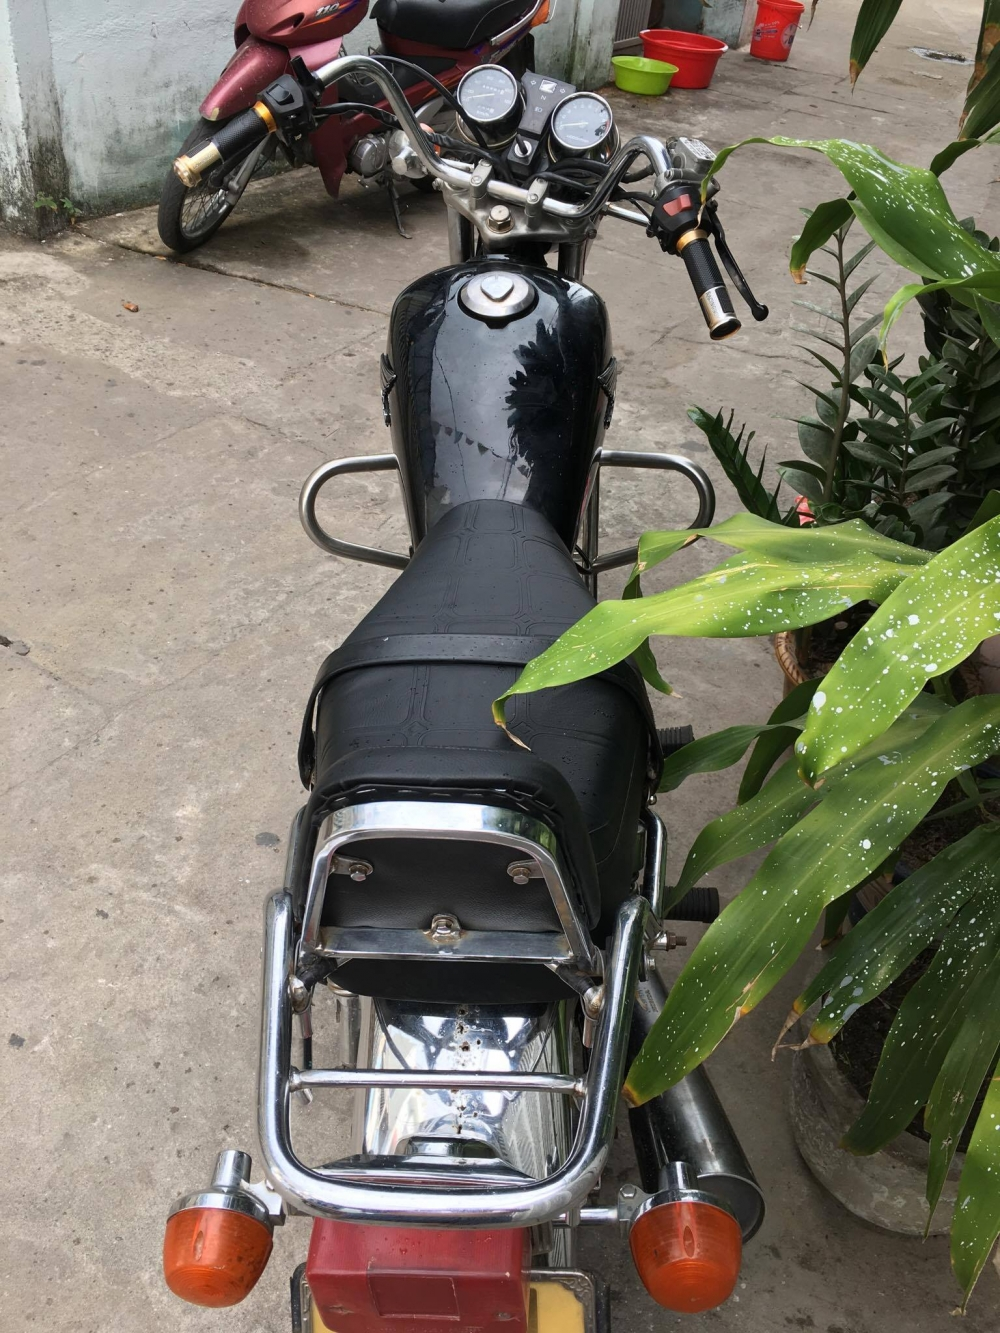 Honda master 125 xe dep may rin - 3